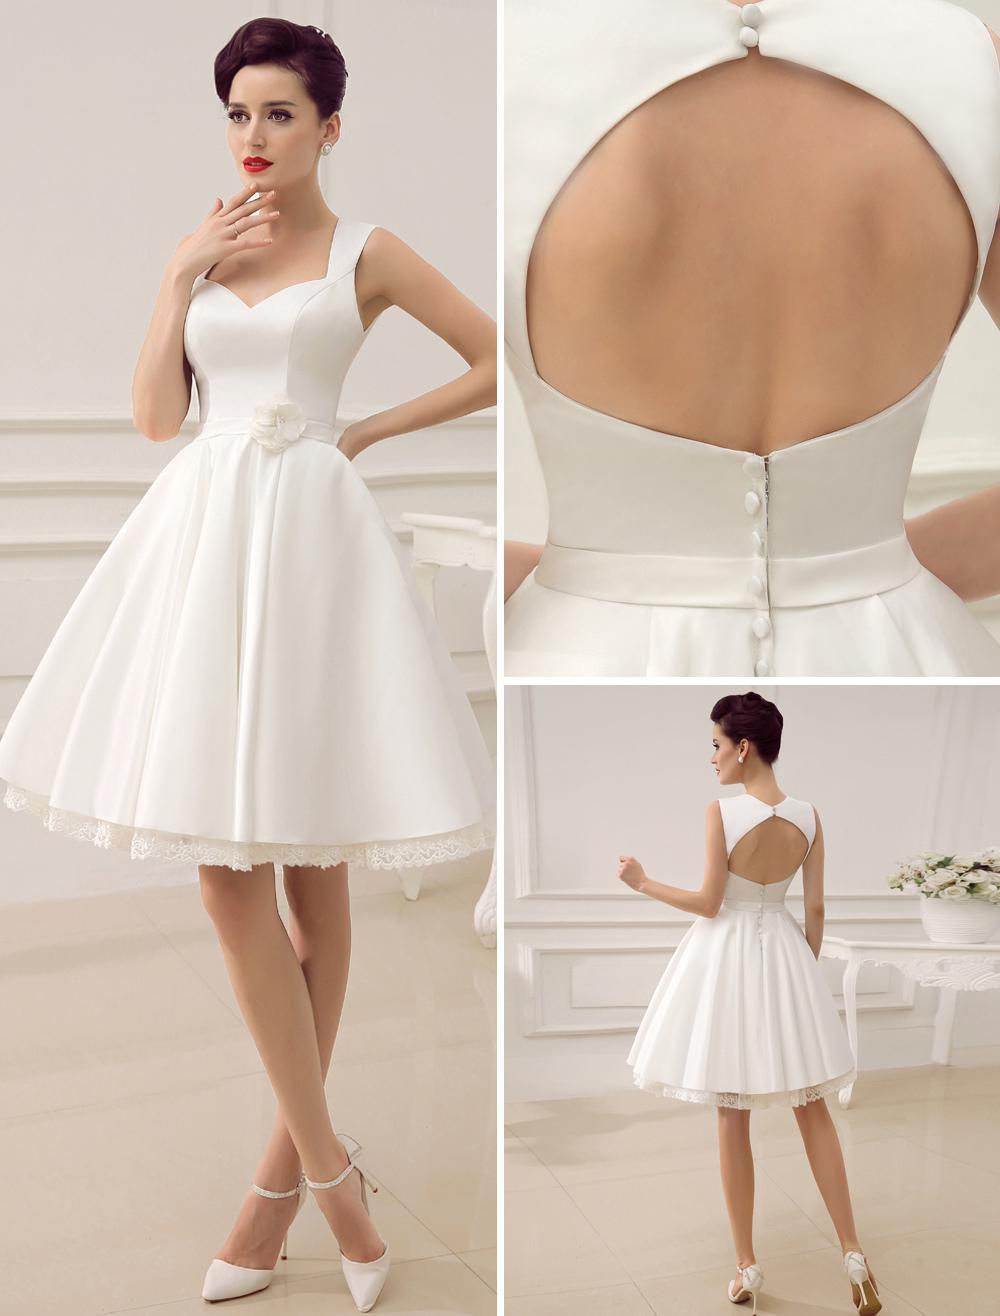 Short Wedding Dresses Satin 1950 S Vintage Bridal Dress Queen Anne Neck Open Back Lace Trim Flower Sash Reception Milanoo